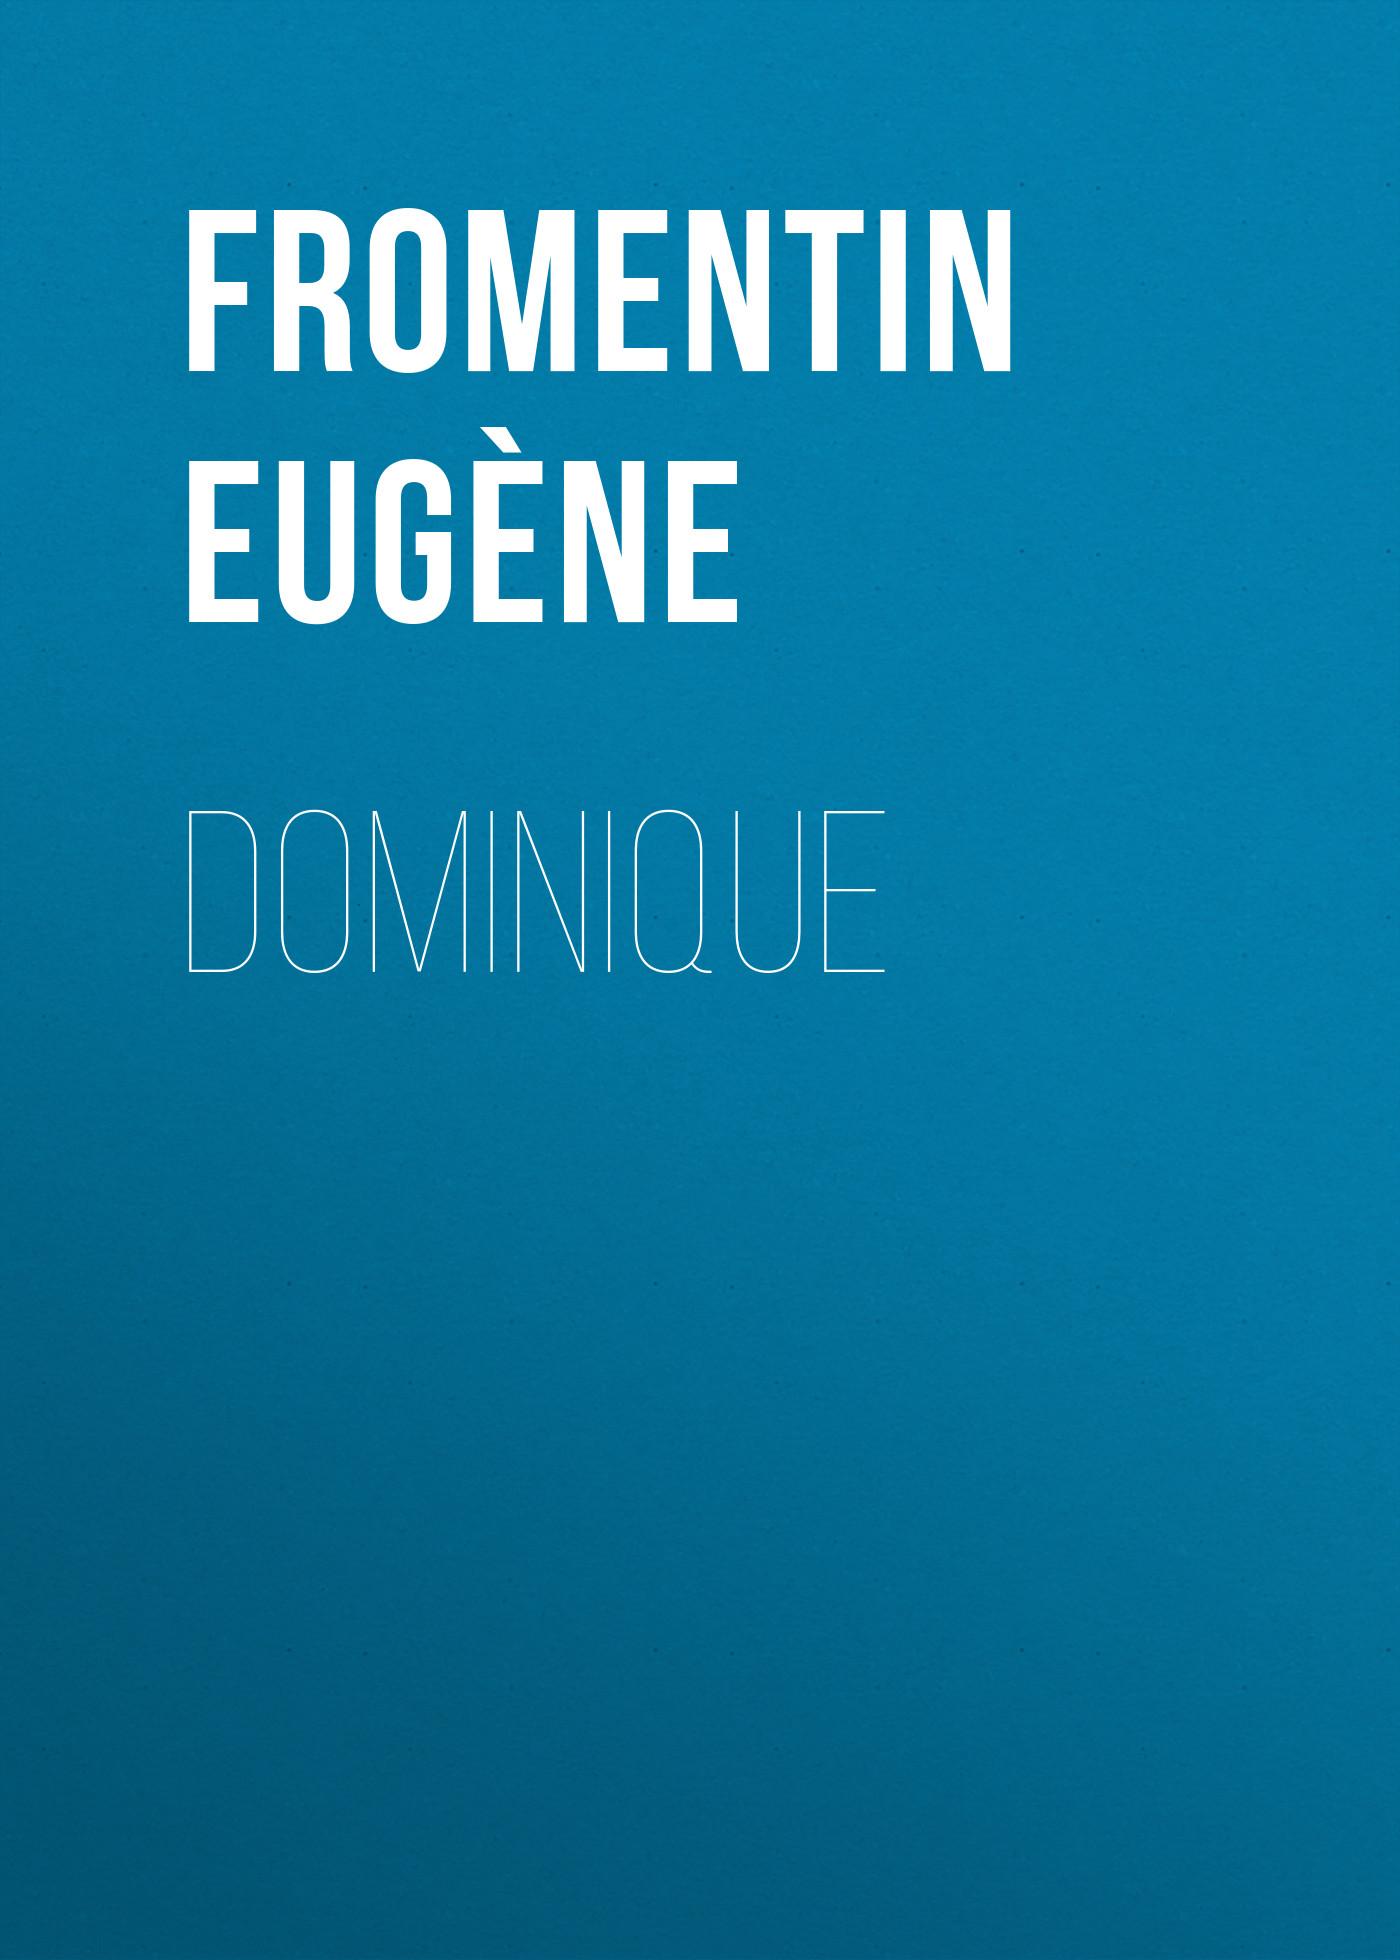 Fromentin Eugène Dominique dominique villepin sto dni